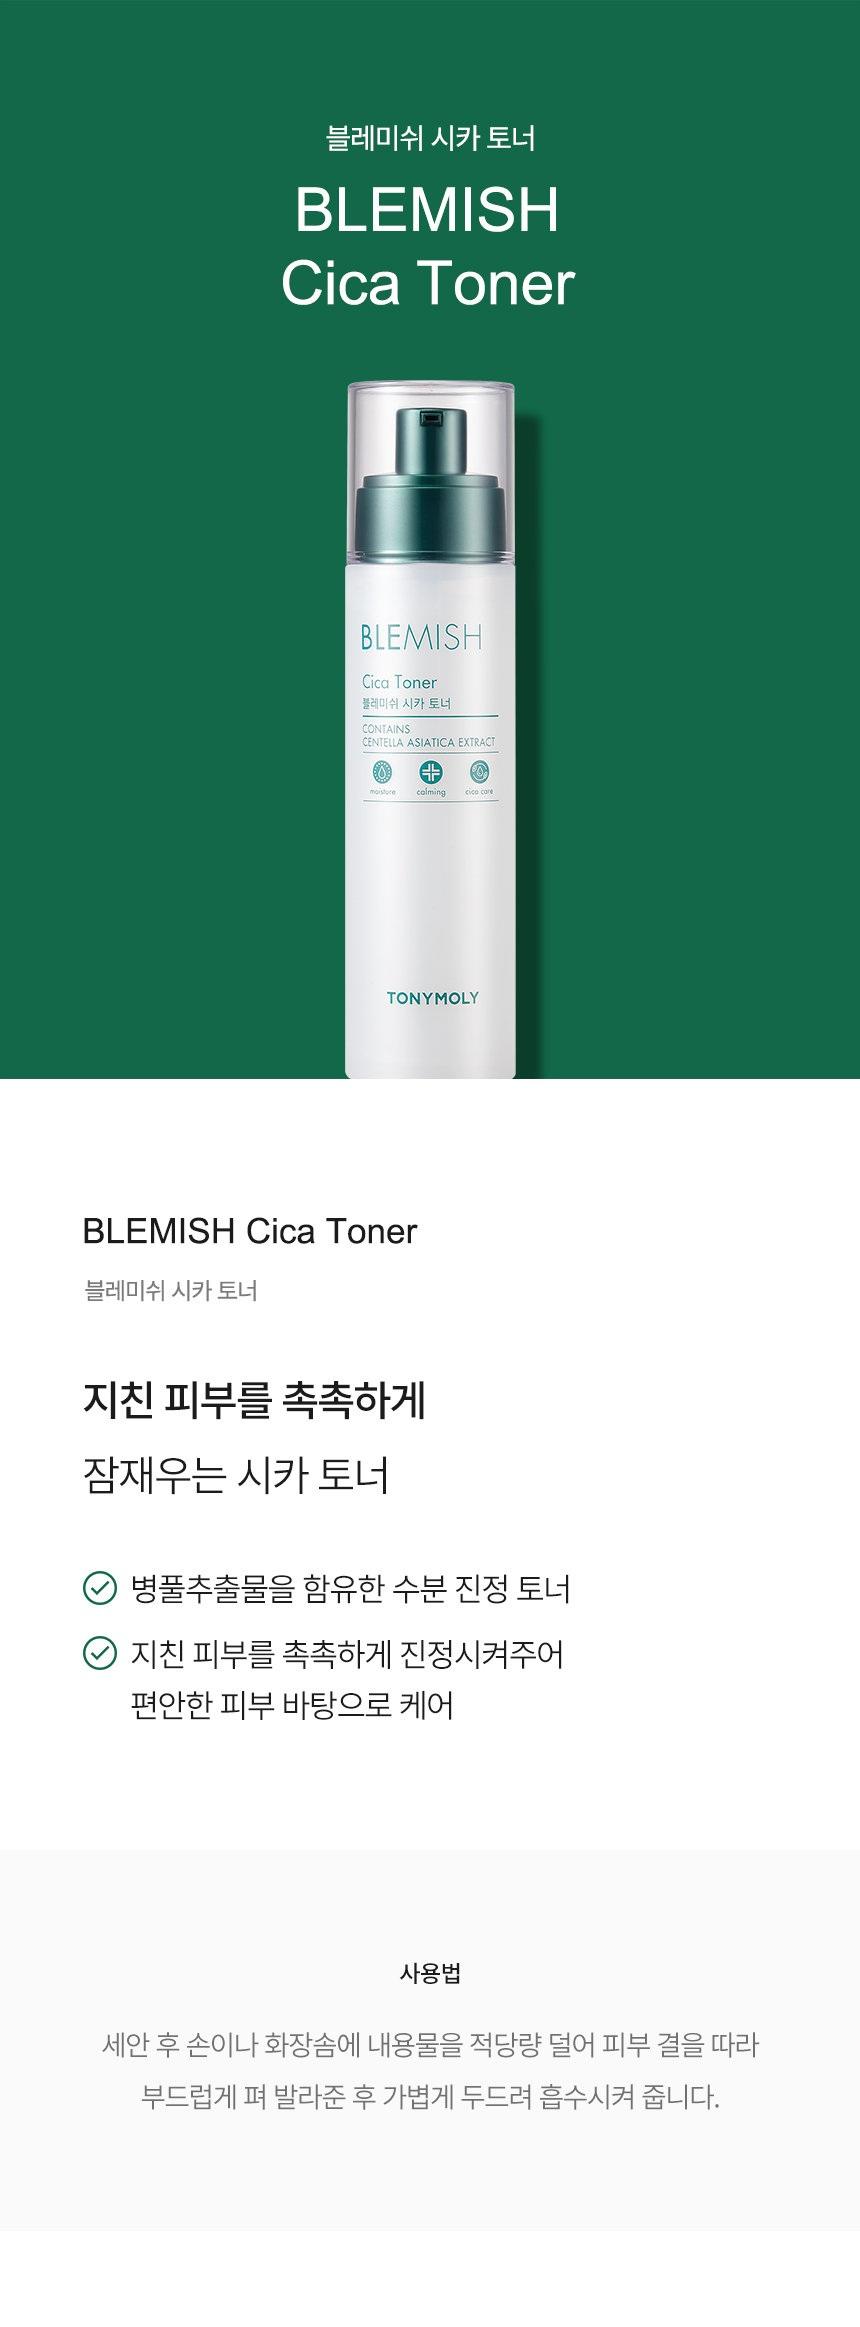 TONYMOLY Blemish Cica Toner korean skincare product online shop malaysia China india